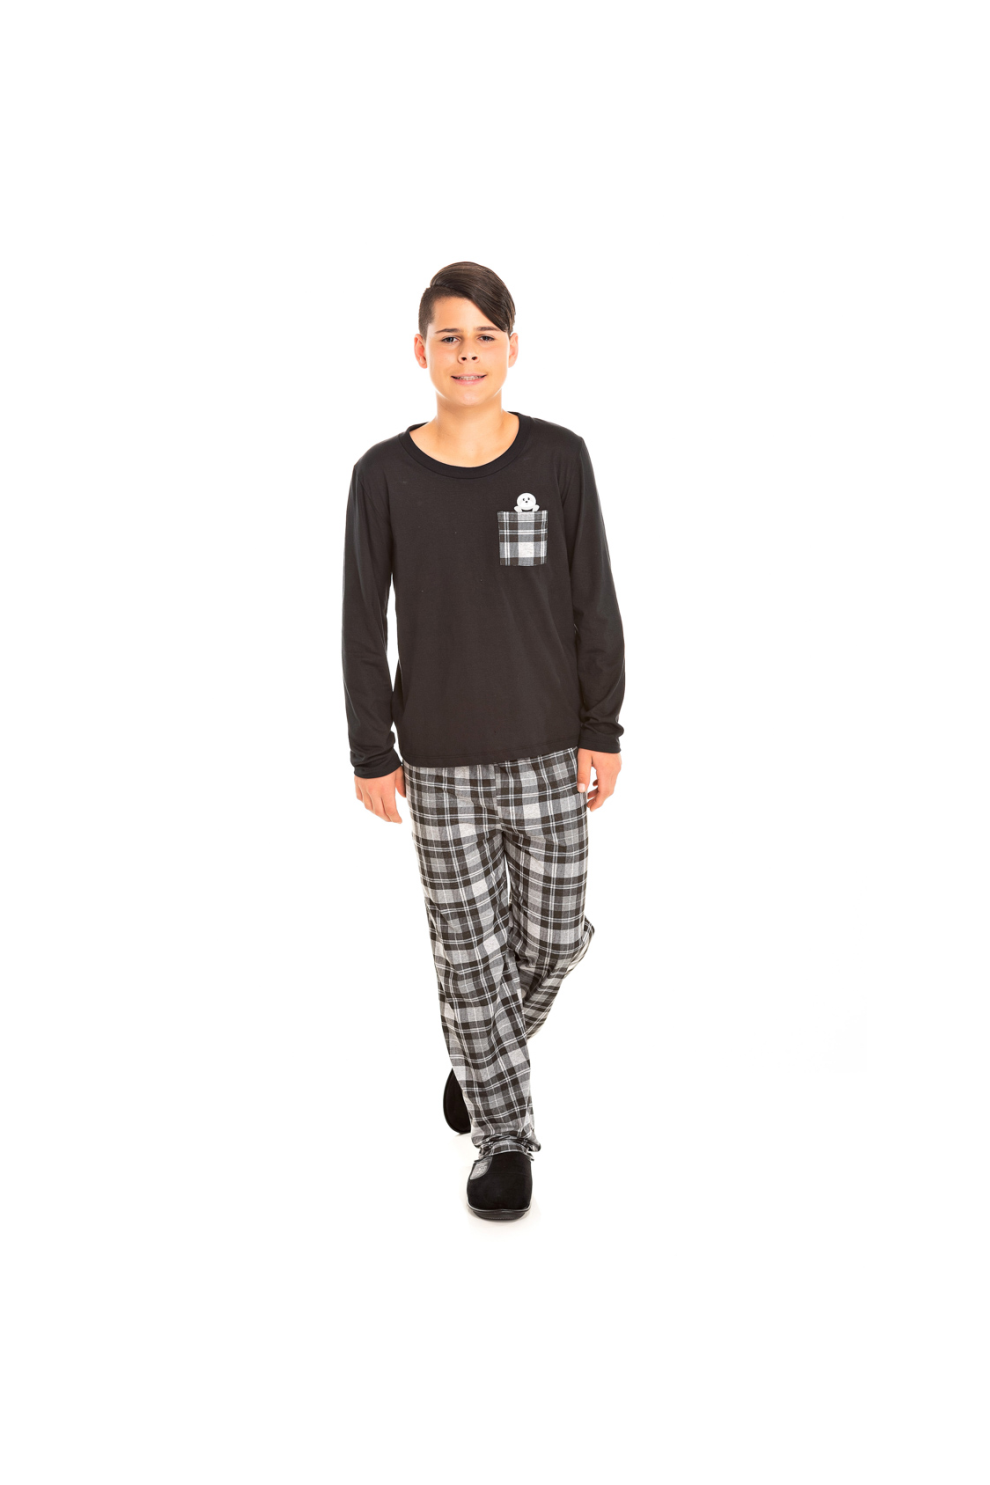 230/G - Pijama Juvenil Masculino Xadrez